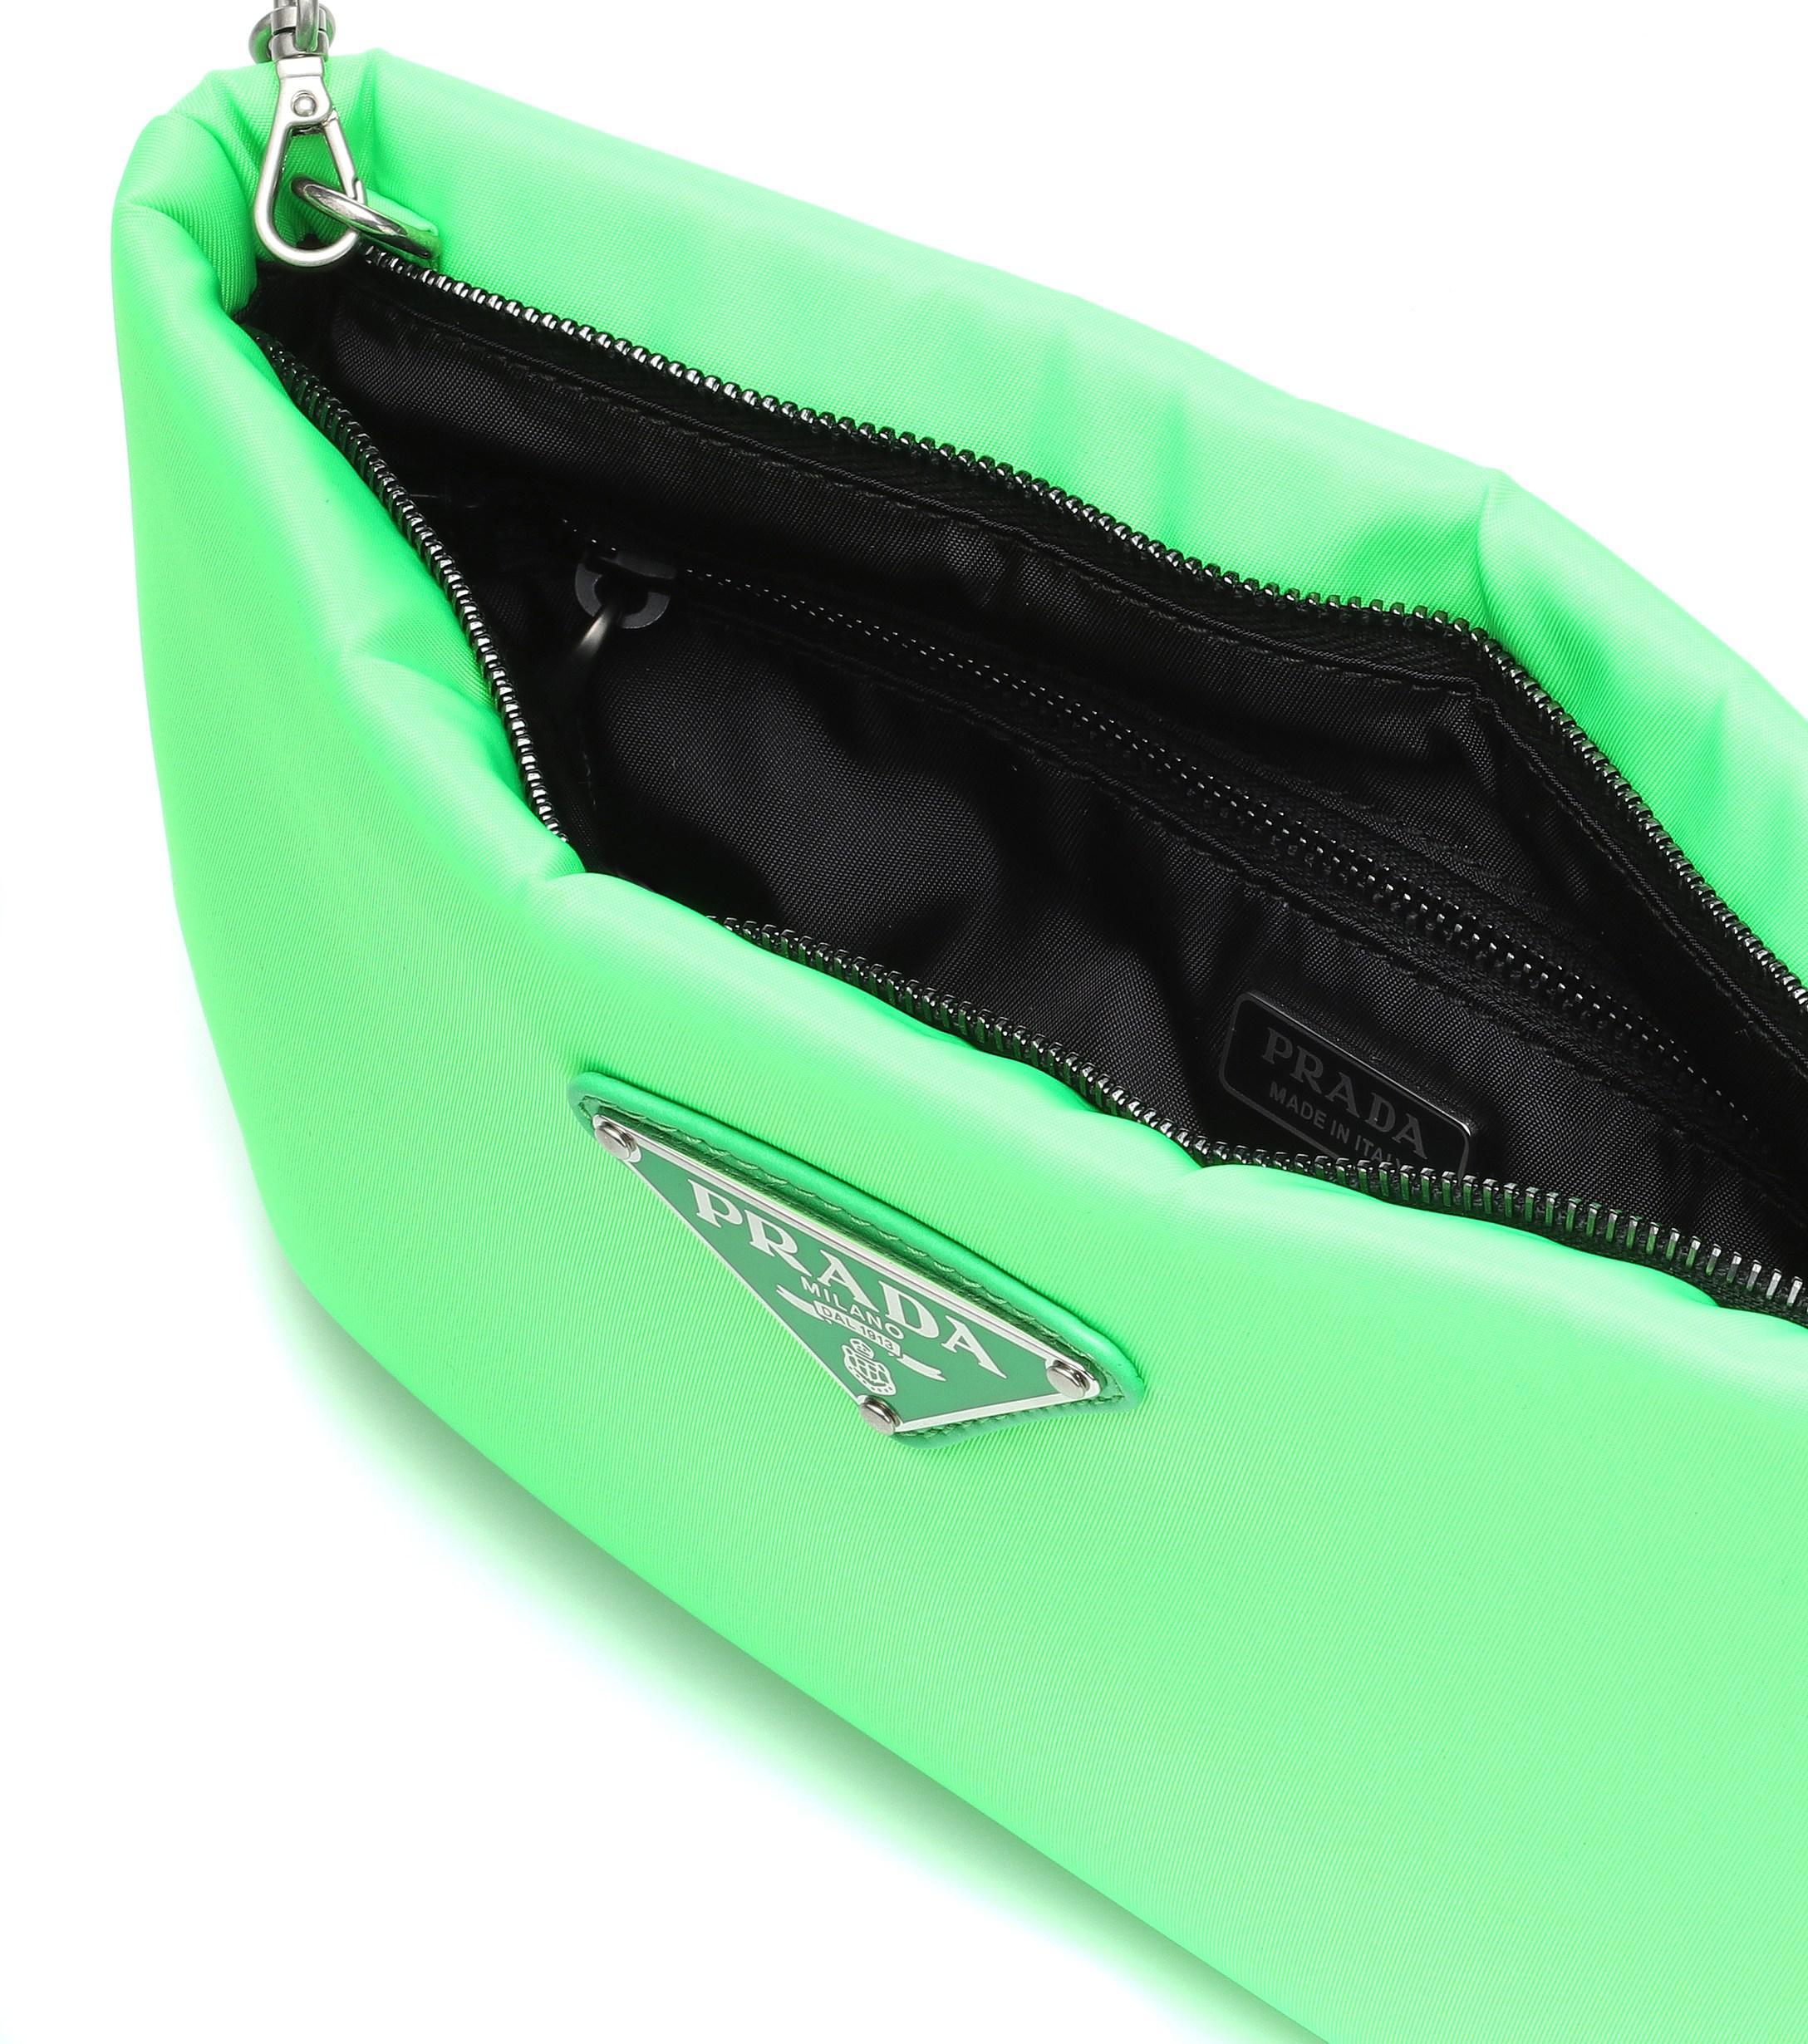 923a08470537 Prada Fluo Clutch in Green - Lyst